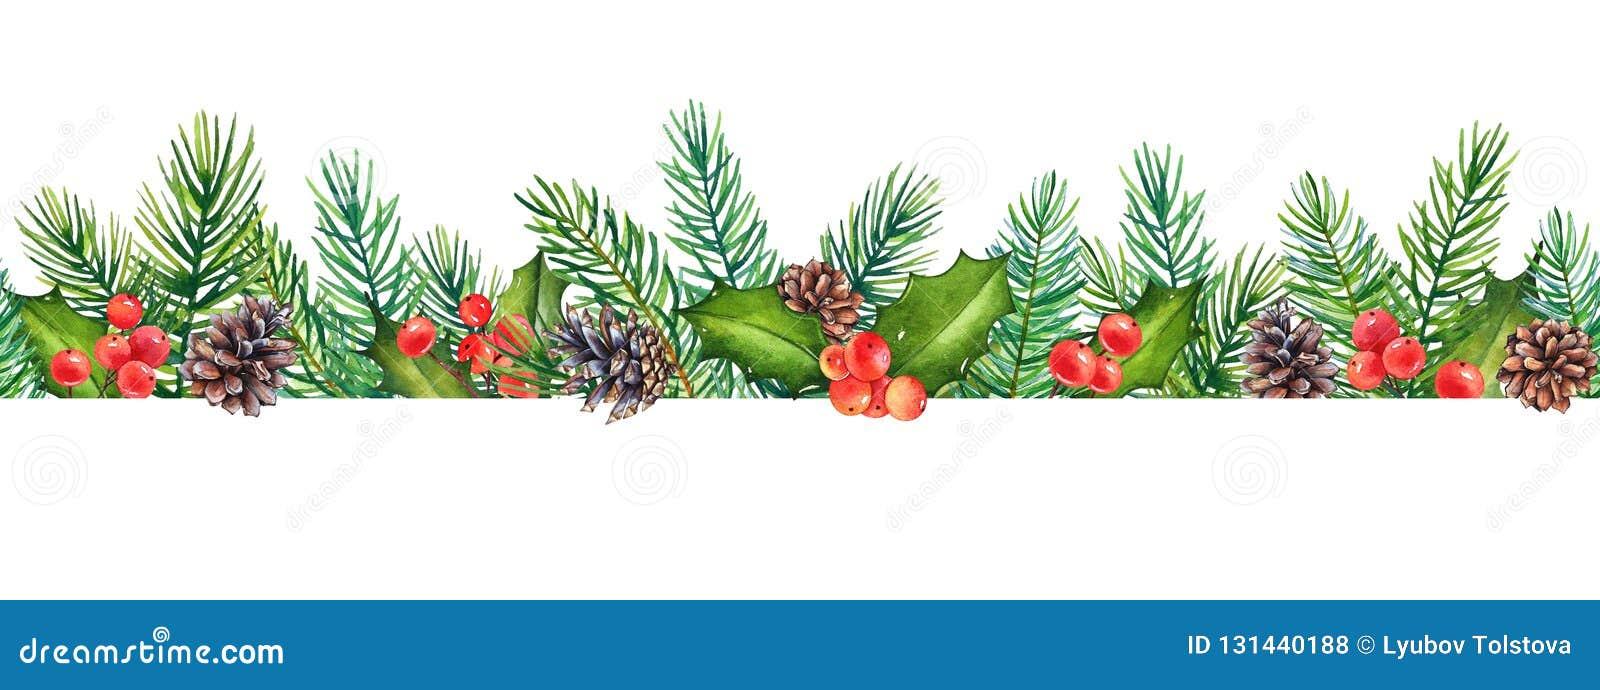 Bezszwowy wzór, dekoracyjny Bożenarodzeniowy kwiecisty element z akwareli gałąź holly z jagodami i sosna z rożkami,